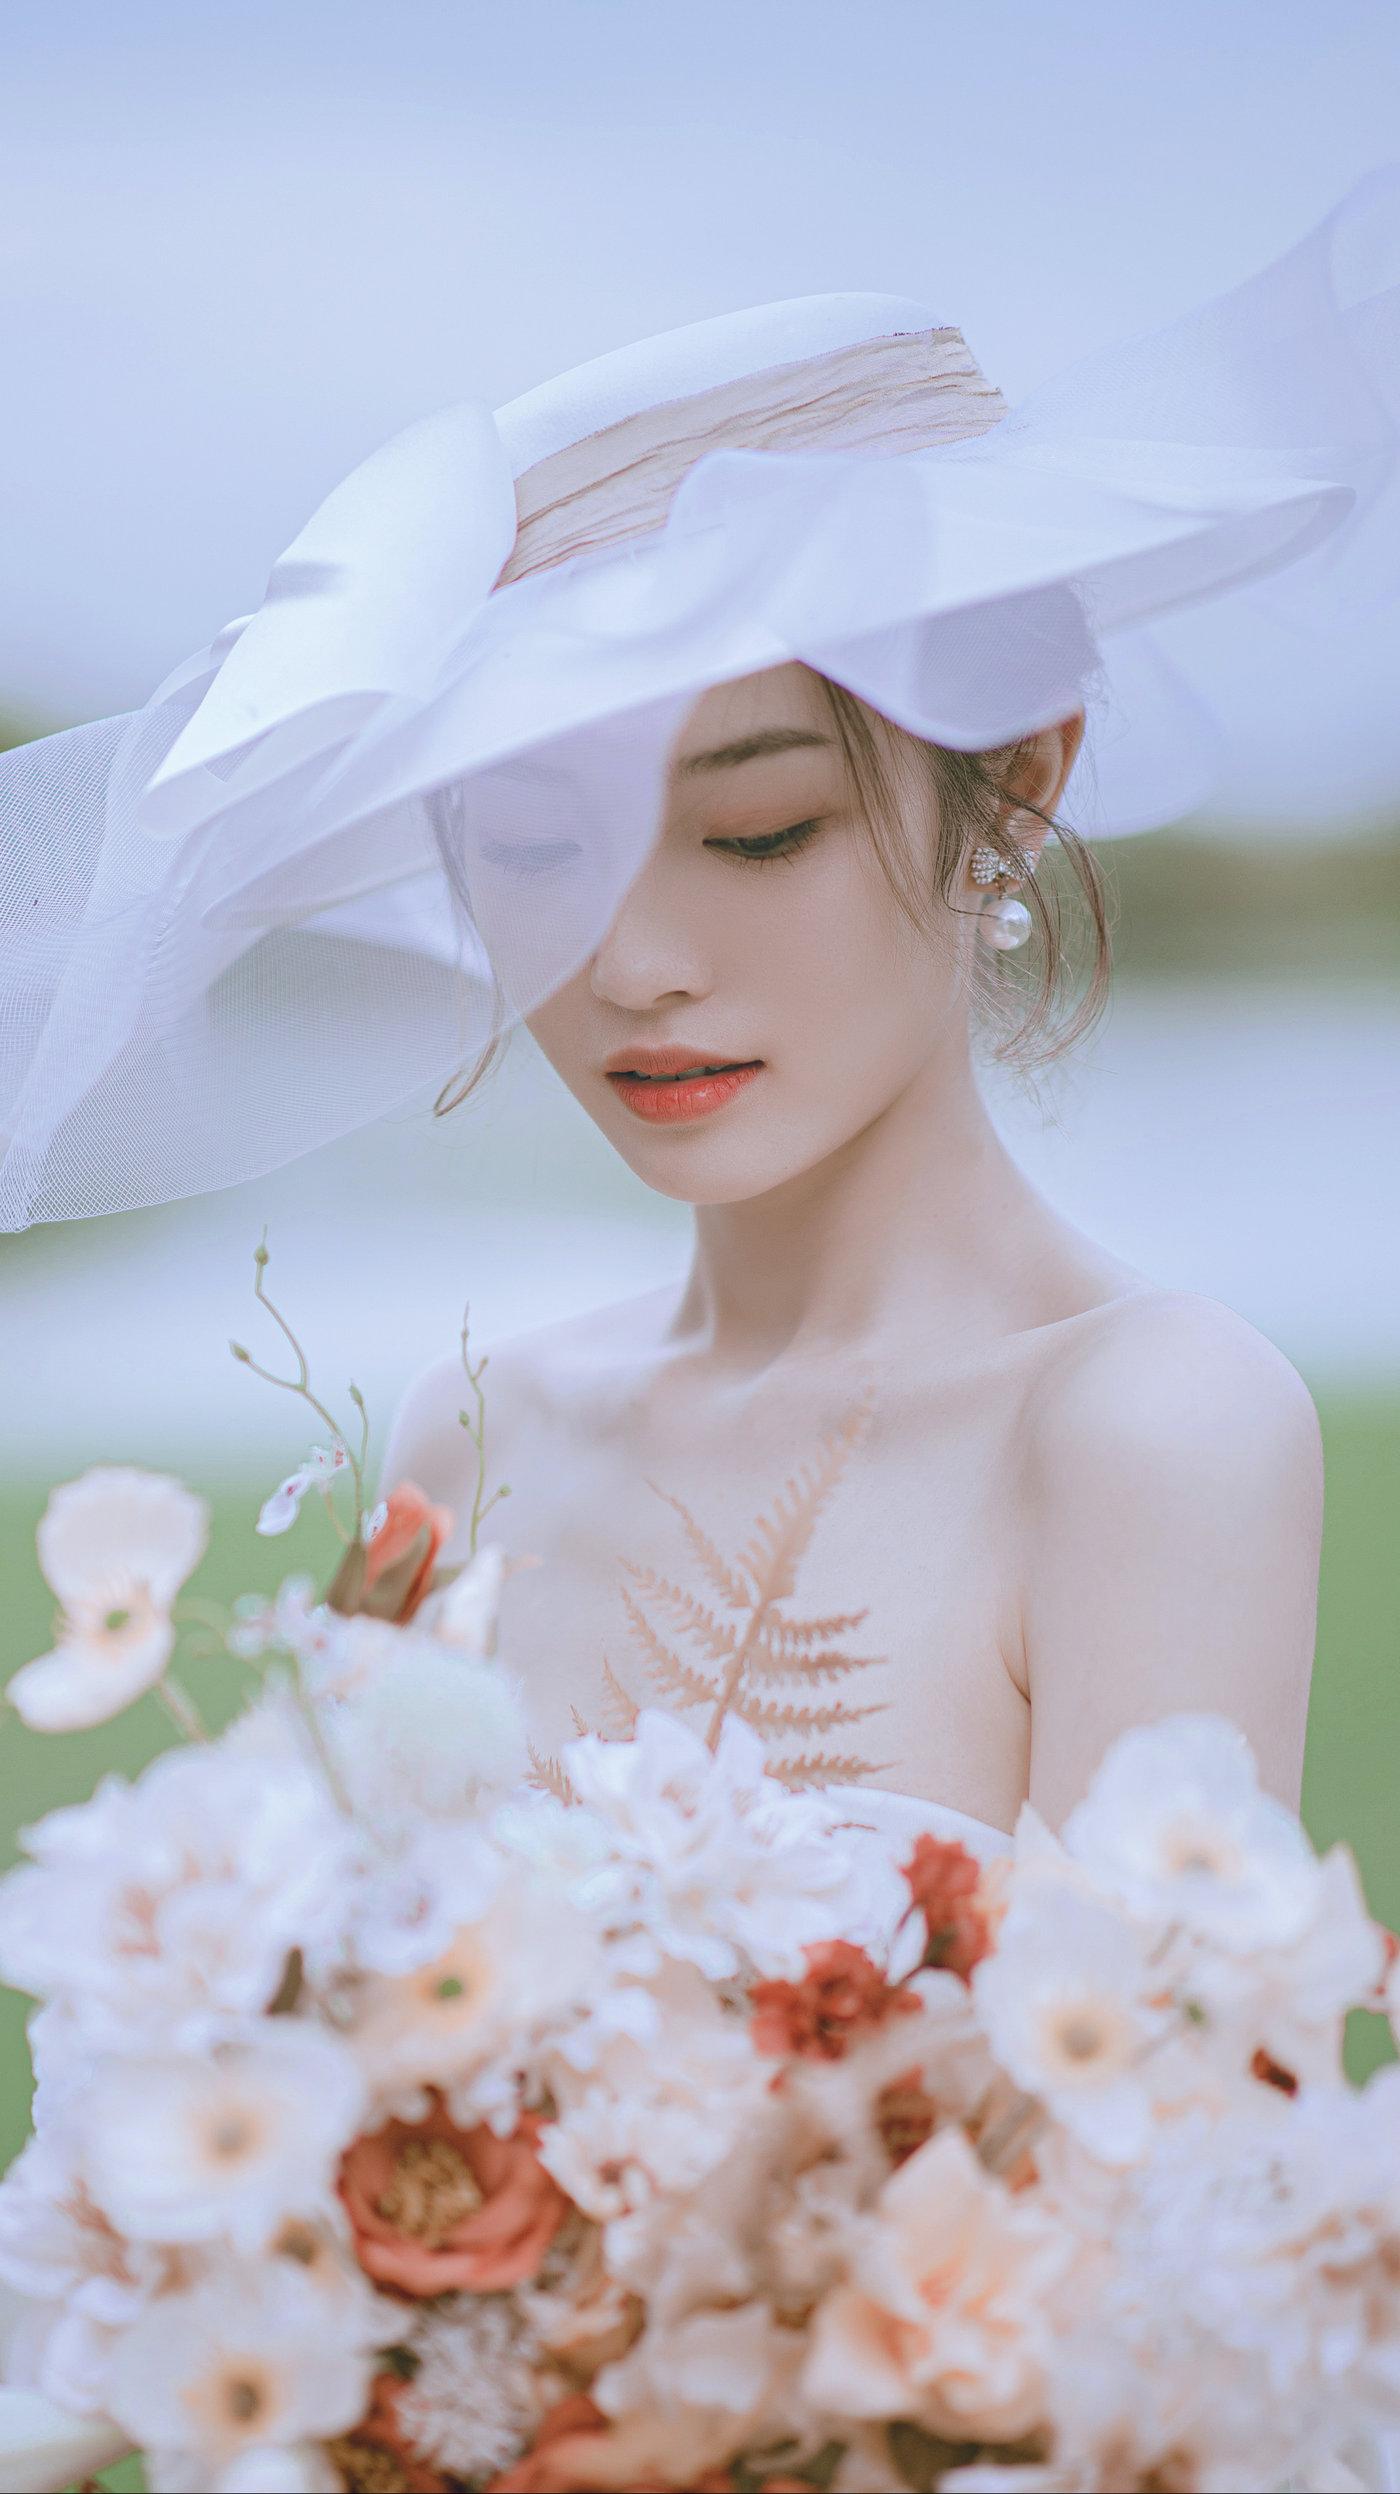 迪茵湖法式草坪婚纱照1